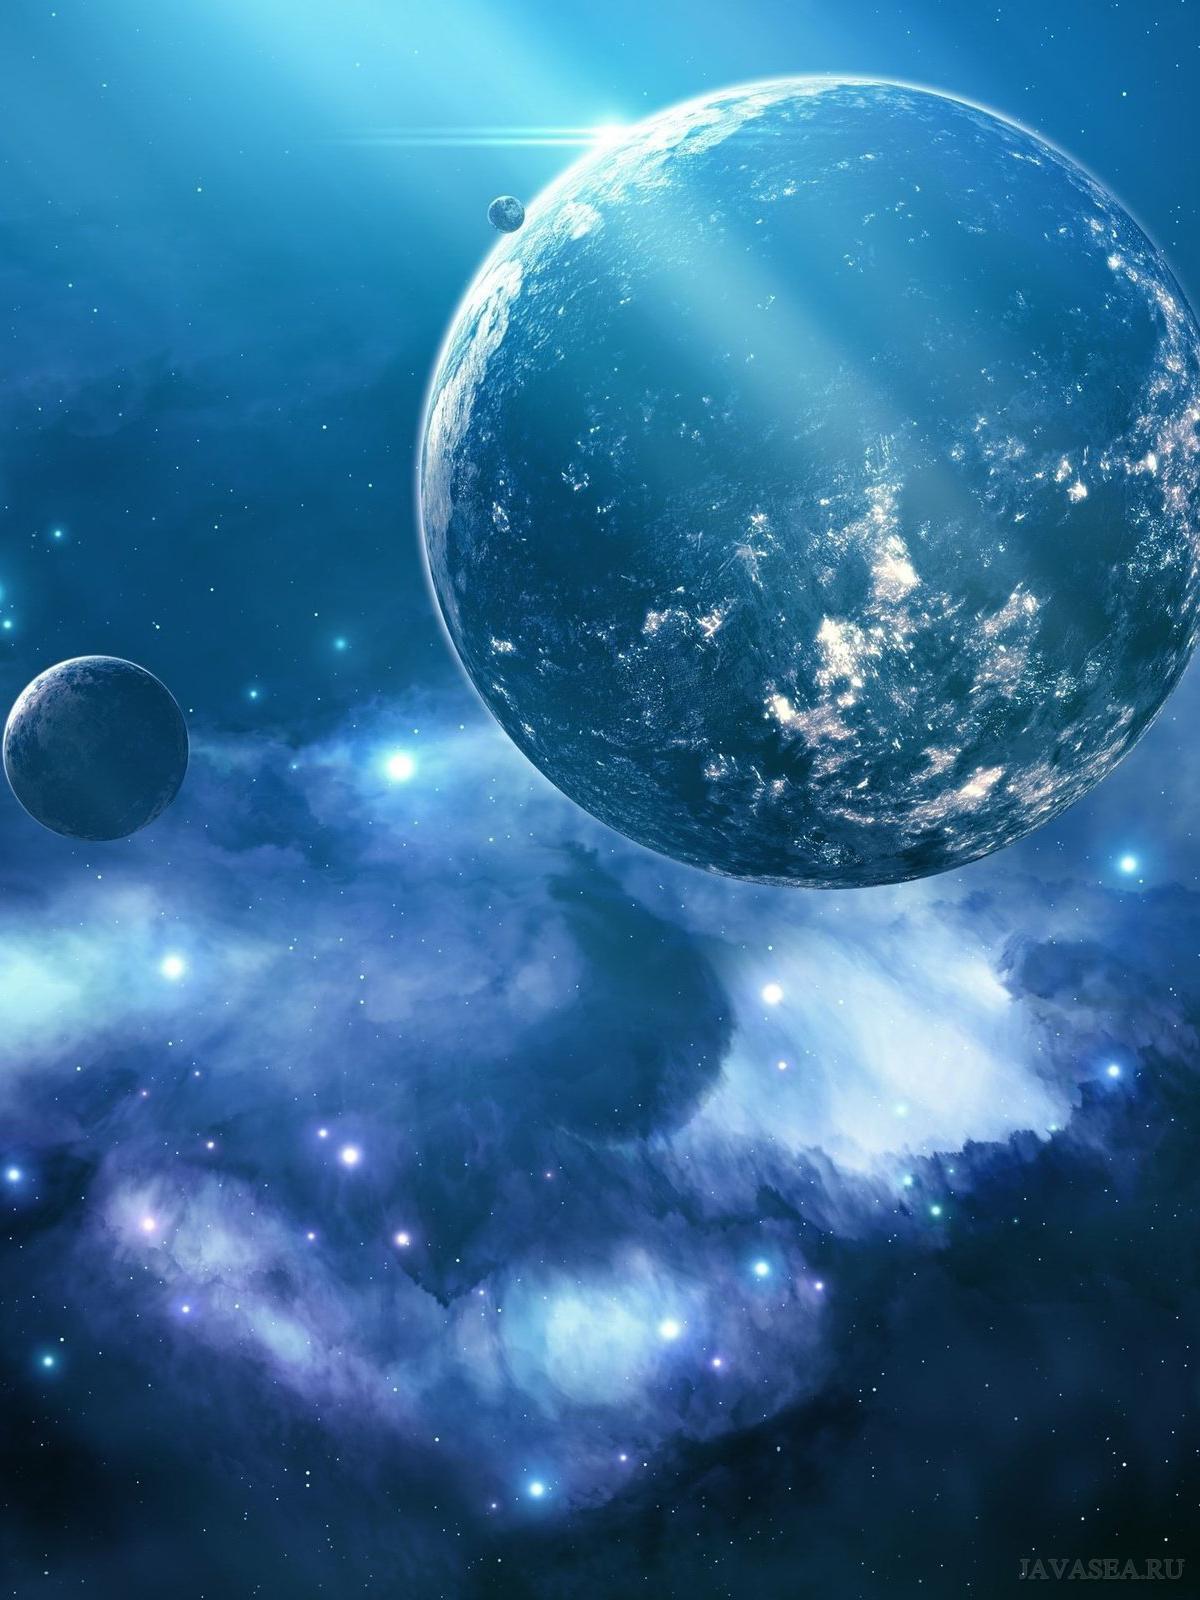 Скачать картинку Синий космос бесплатно